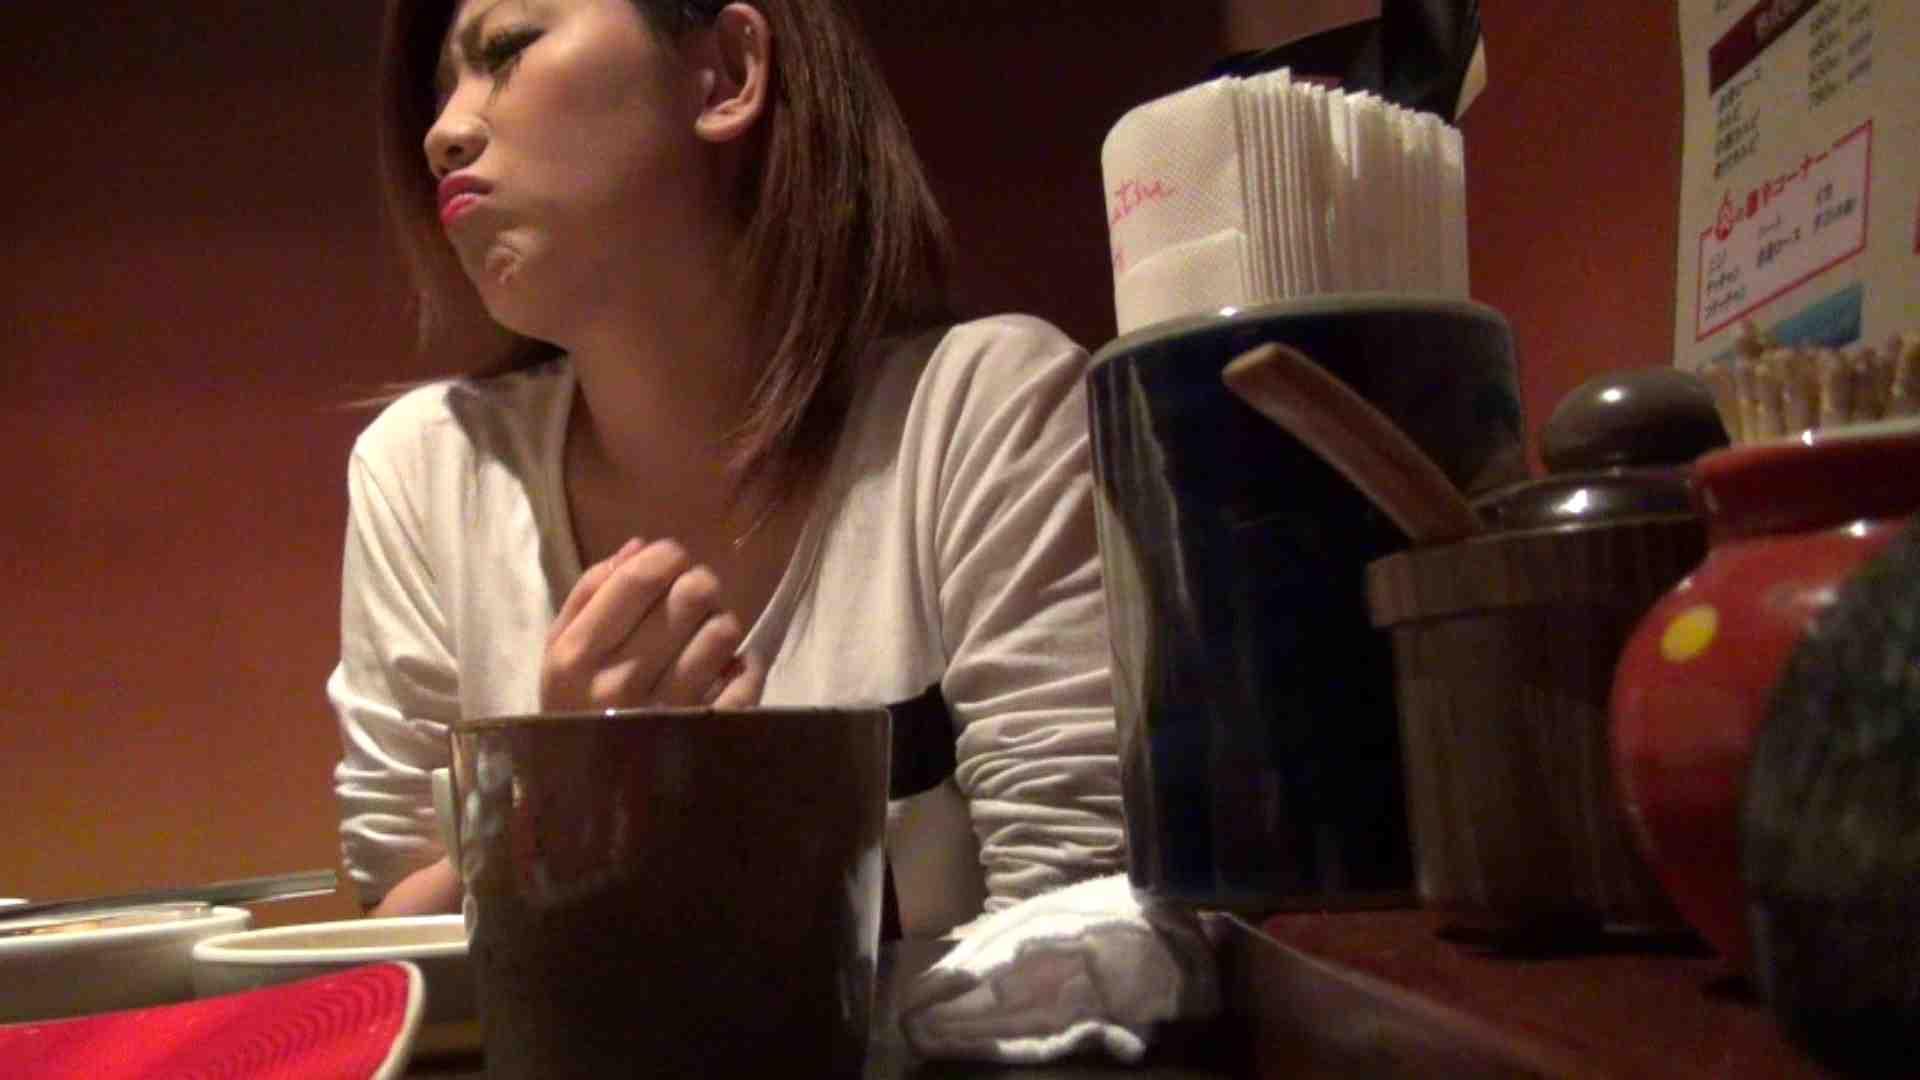 【出会い01】大助さんMちゃんと食事会 エッチすぎる友人   悪戯  54連発 17